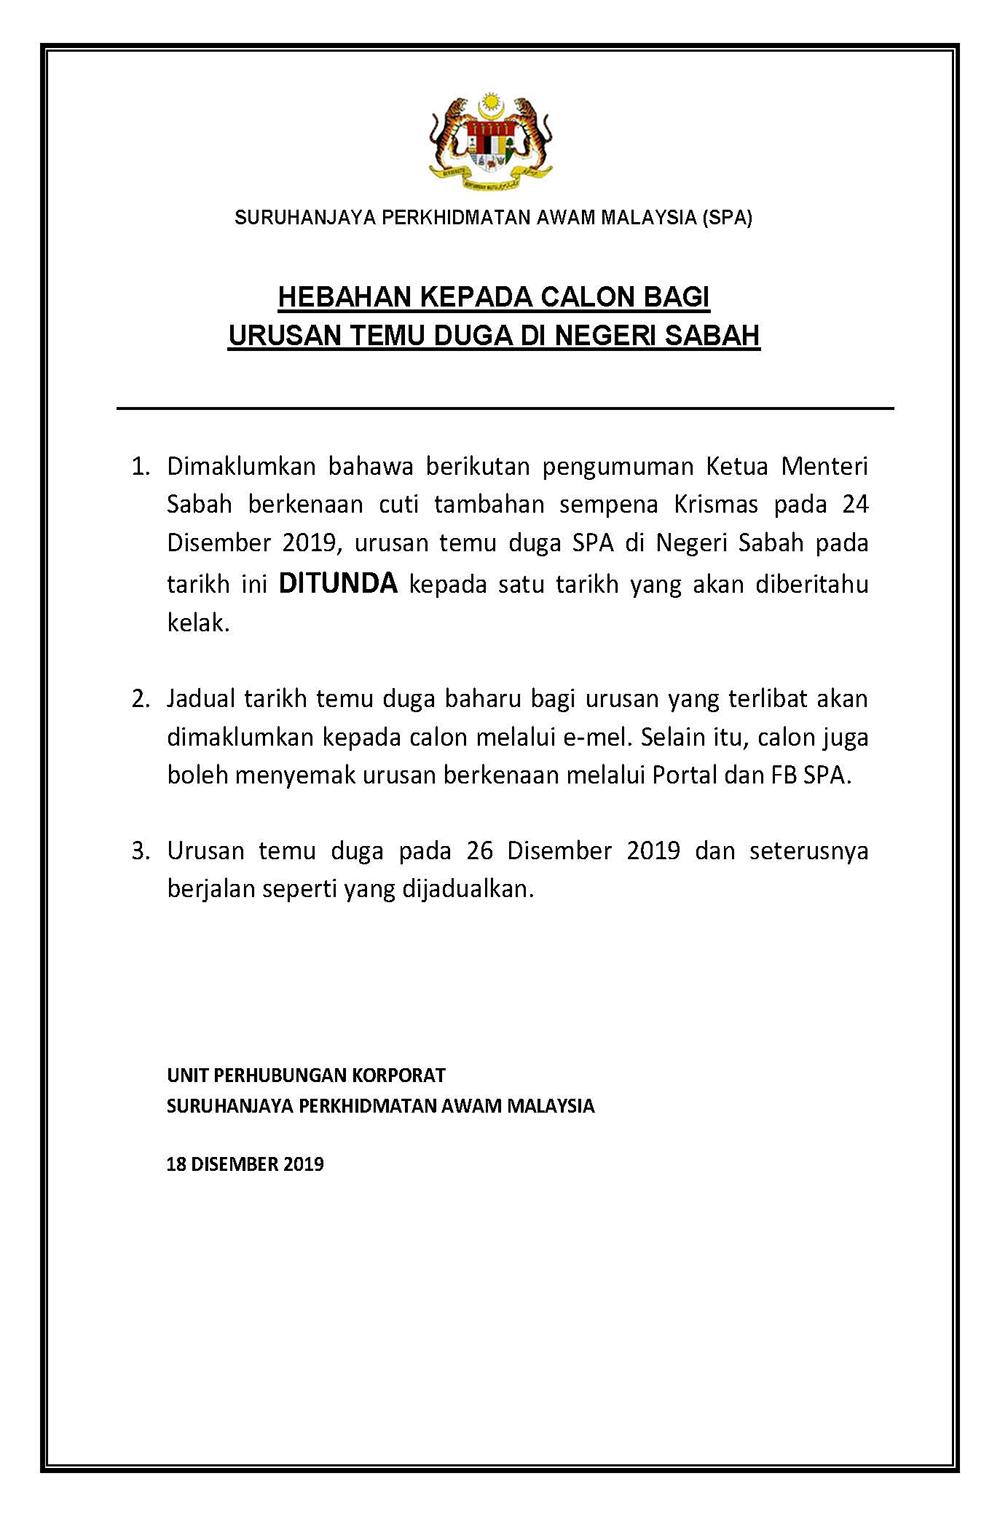 Suruhanjaya Perkhidmatan Awam Malaysia Hebahan Media